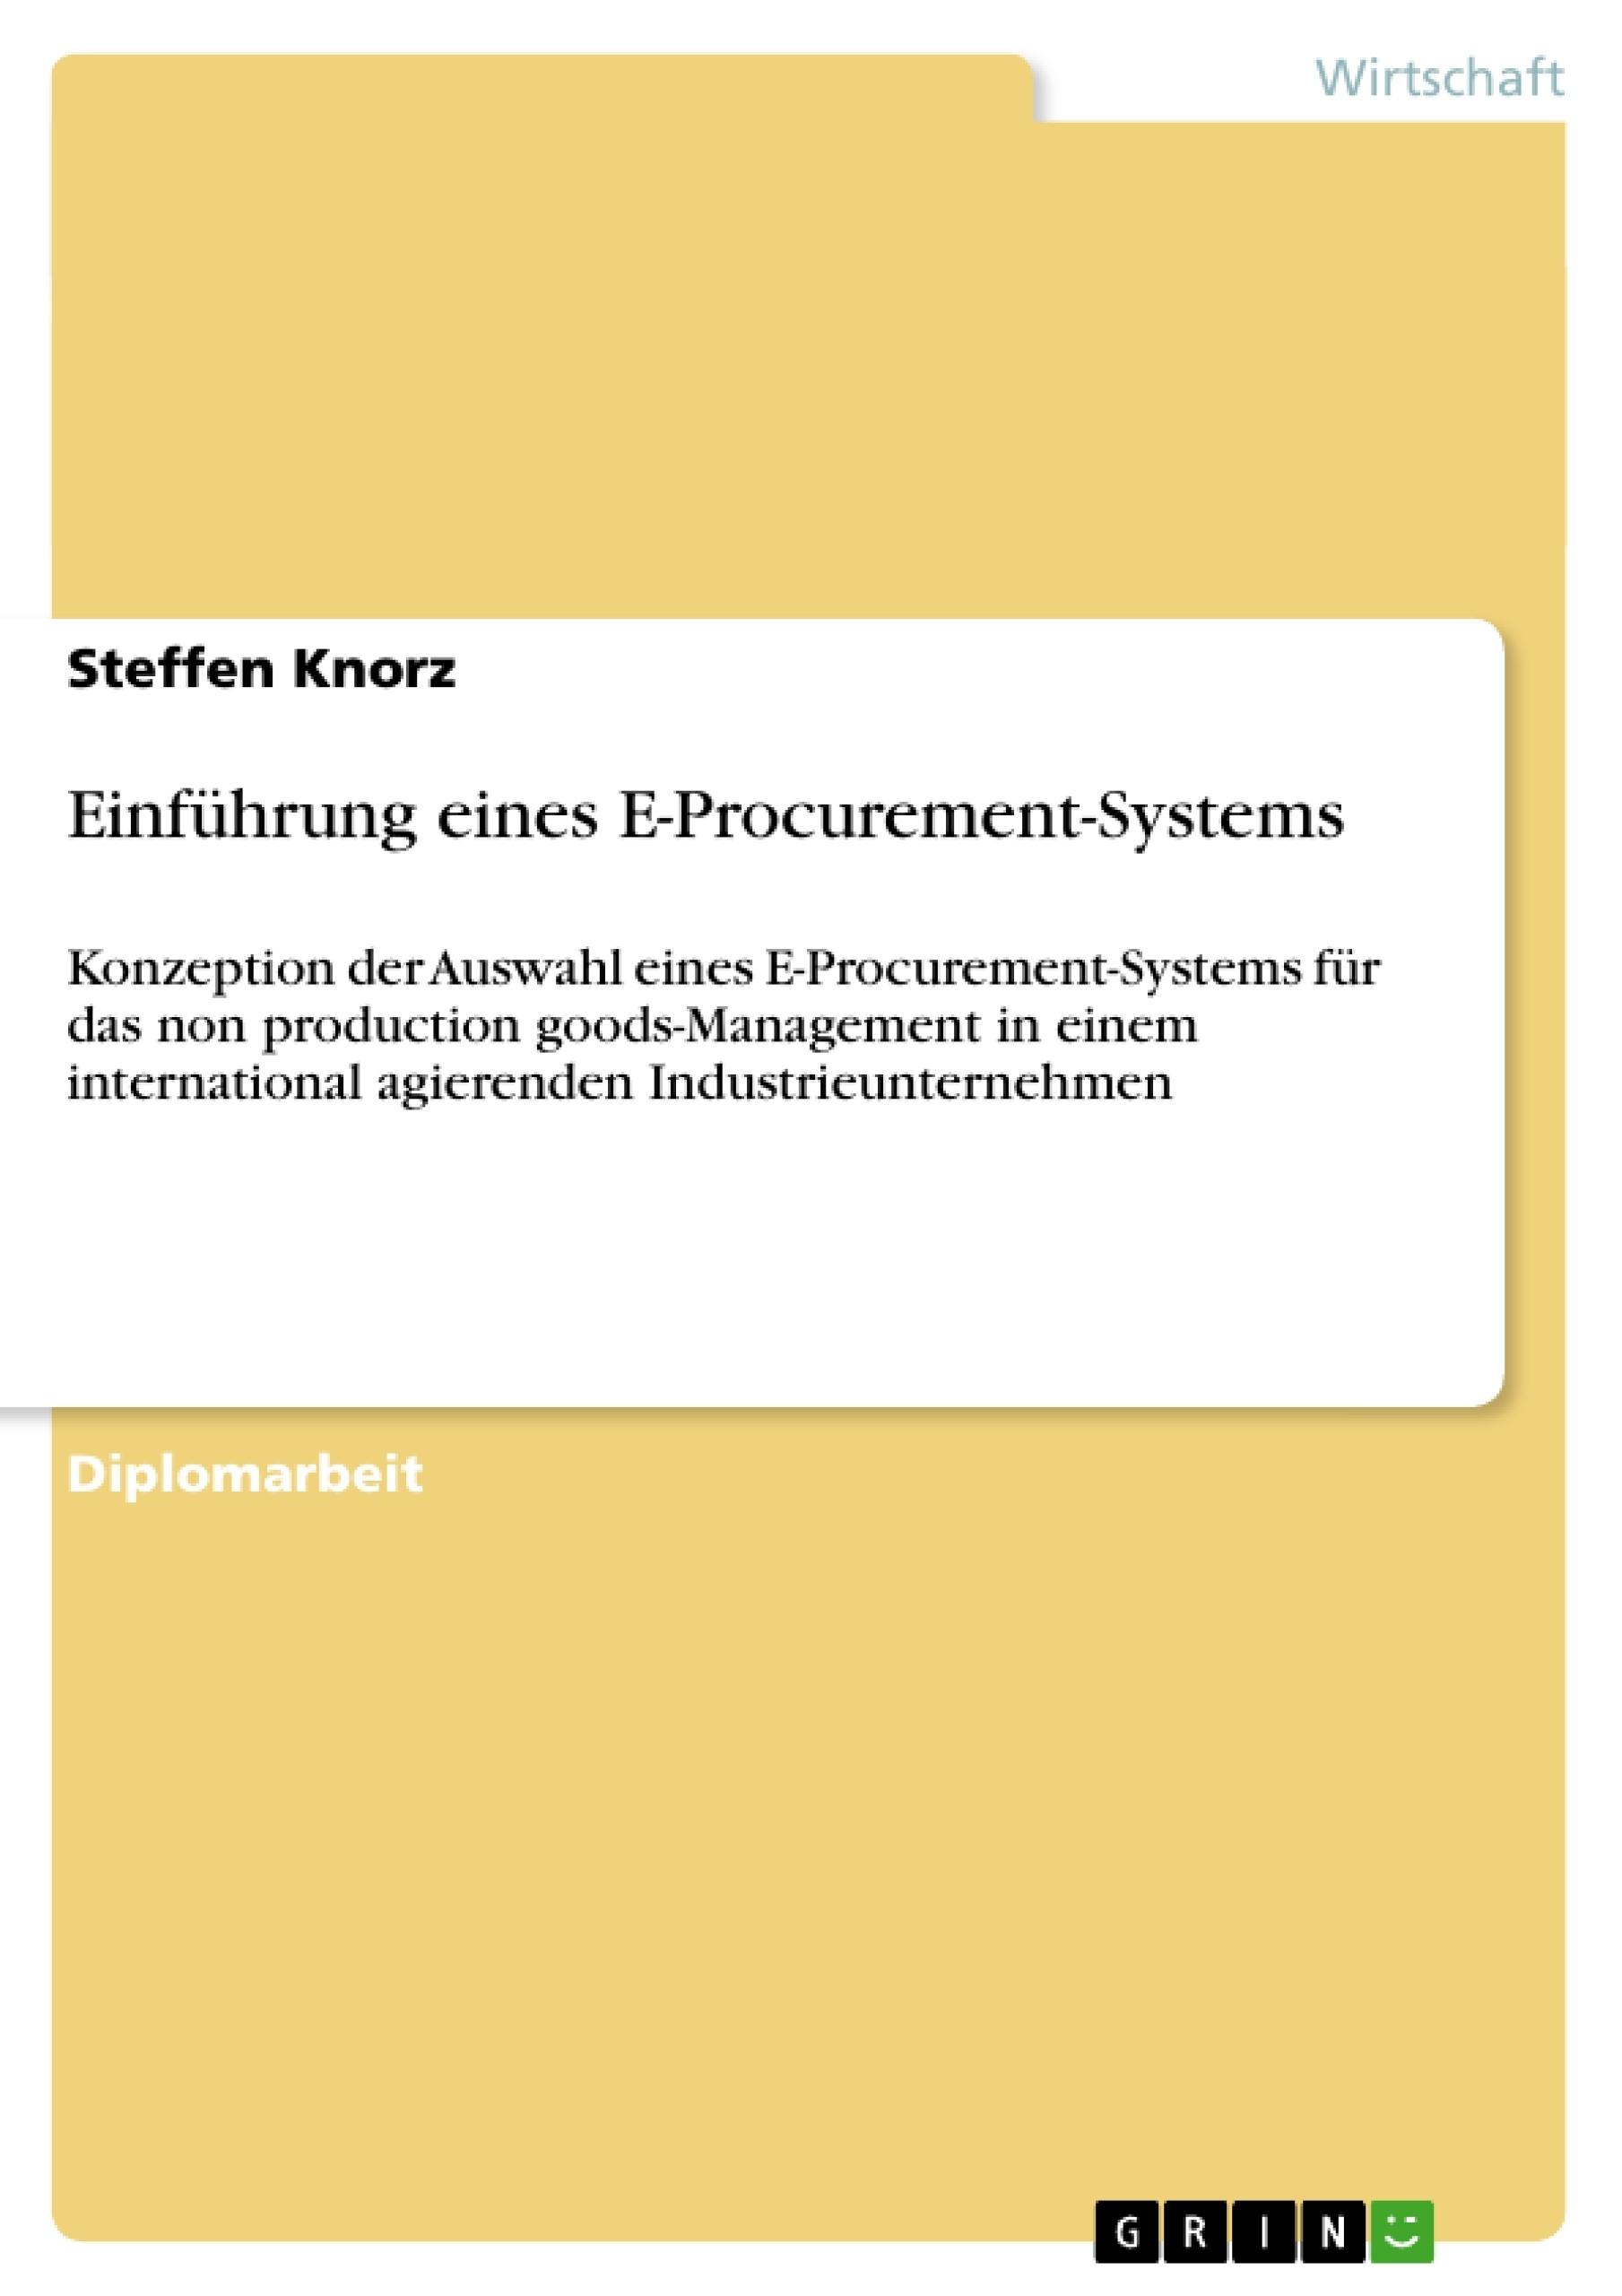 Titel: Einführung eines E-Procurement-Systems